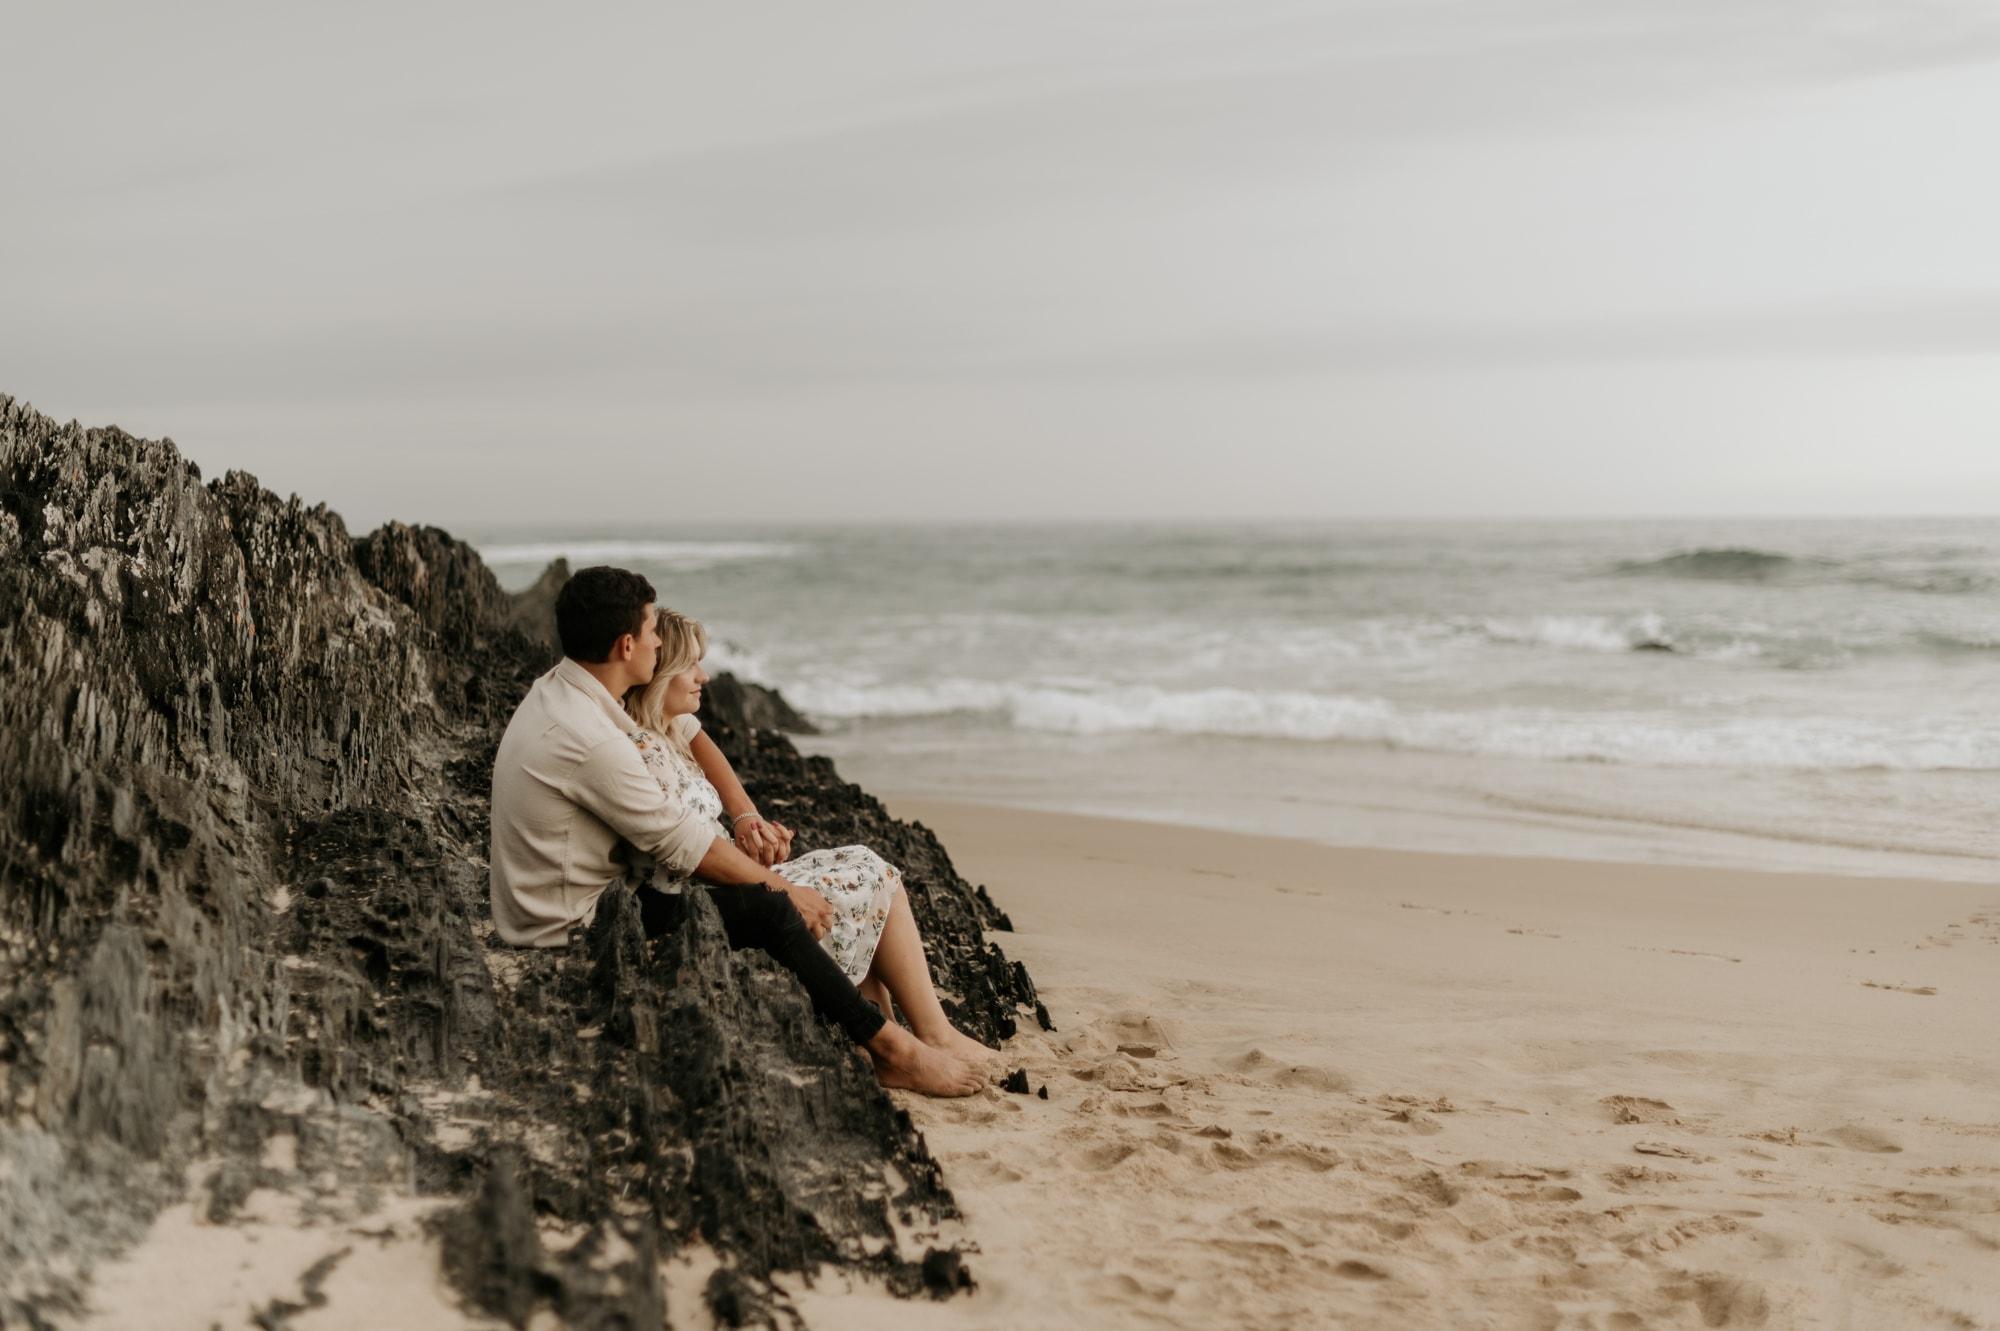 M+J-Couple-Session-June-Richards-Photography-Destination-Weddings-Elopements-Garden-Route-19